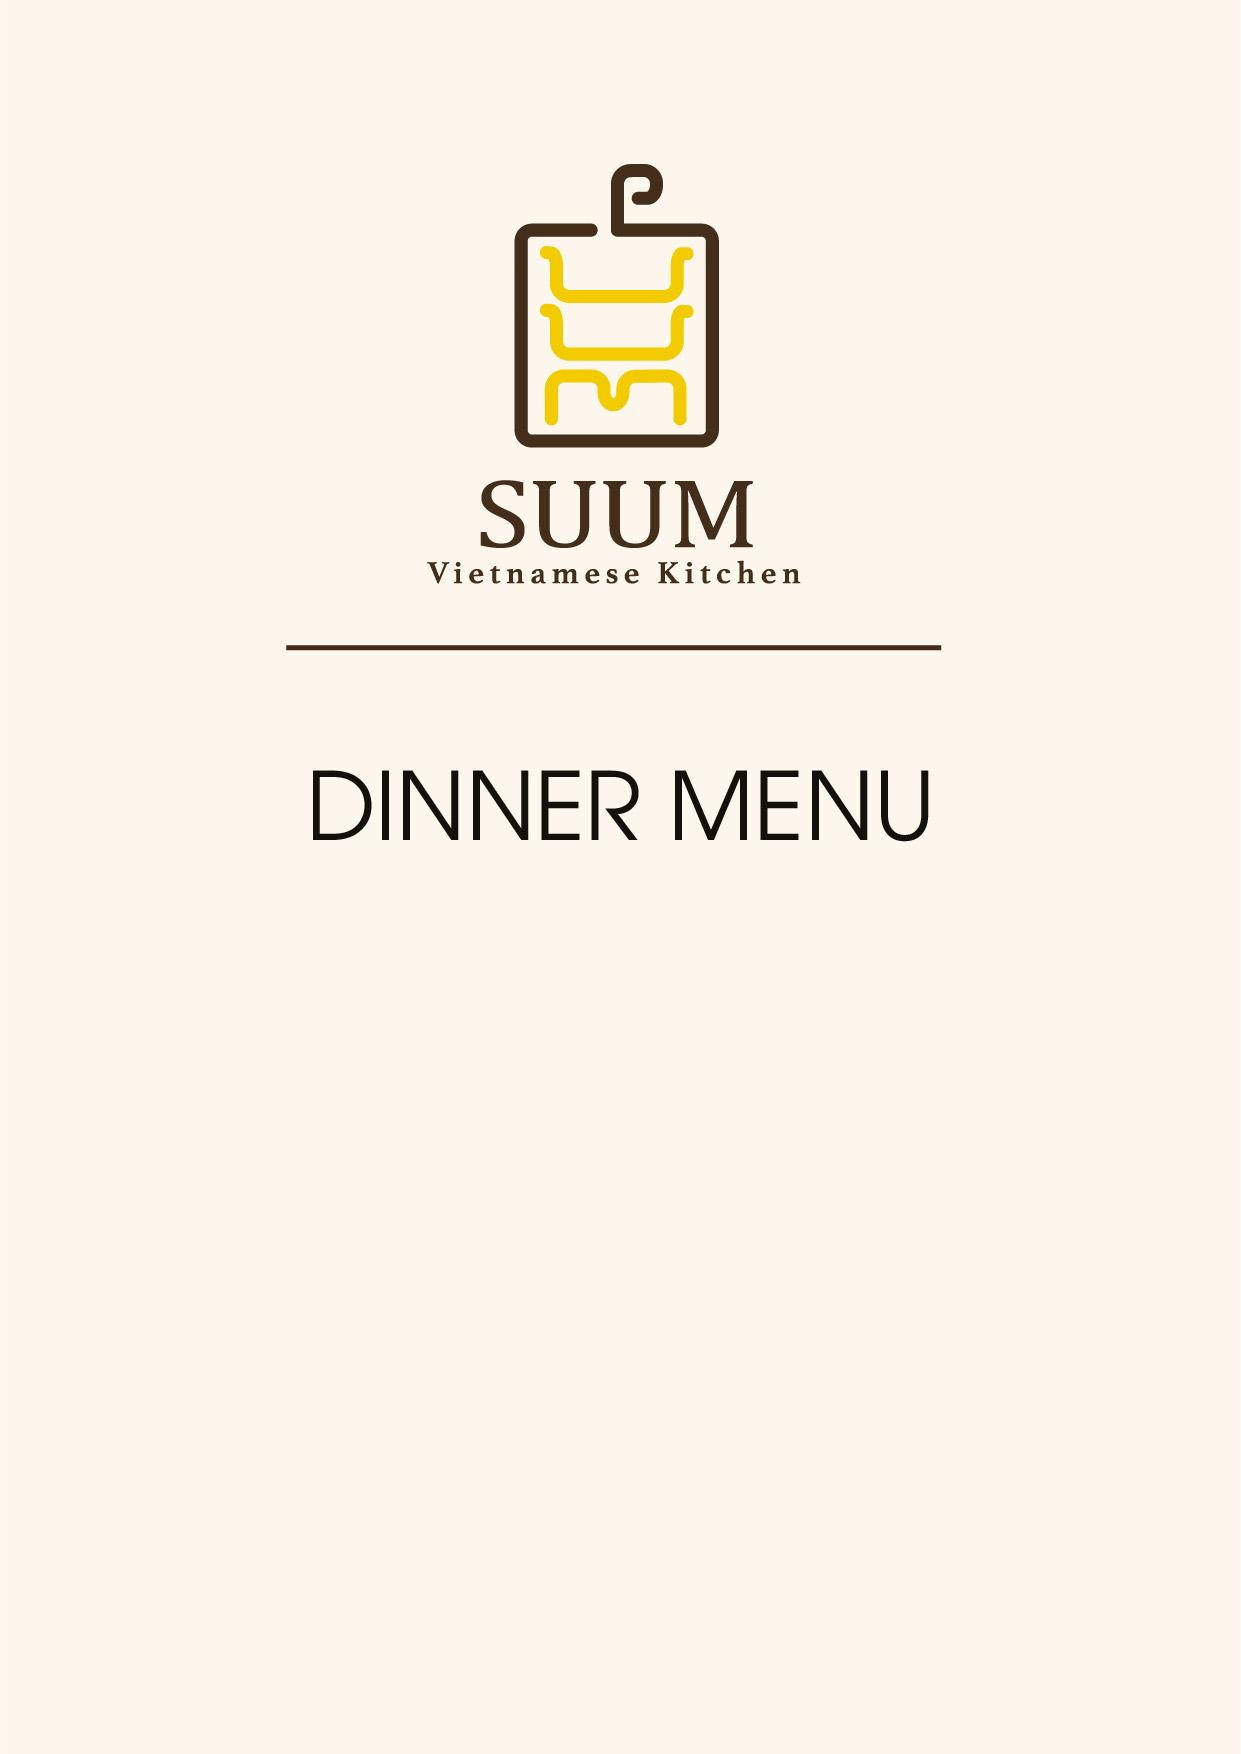 Suum Dinner Menu Suum Vietnamese Kitchen